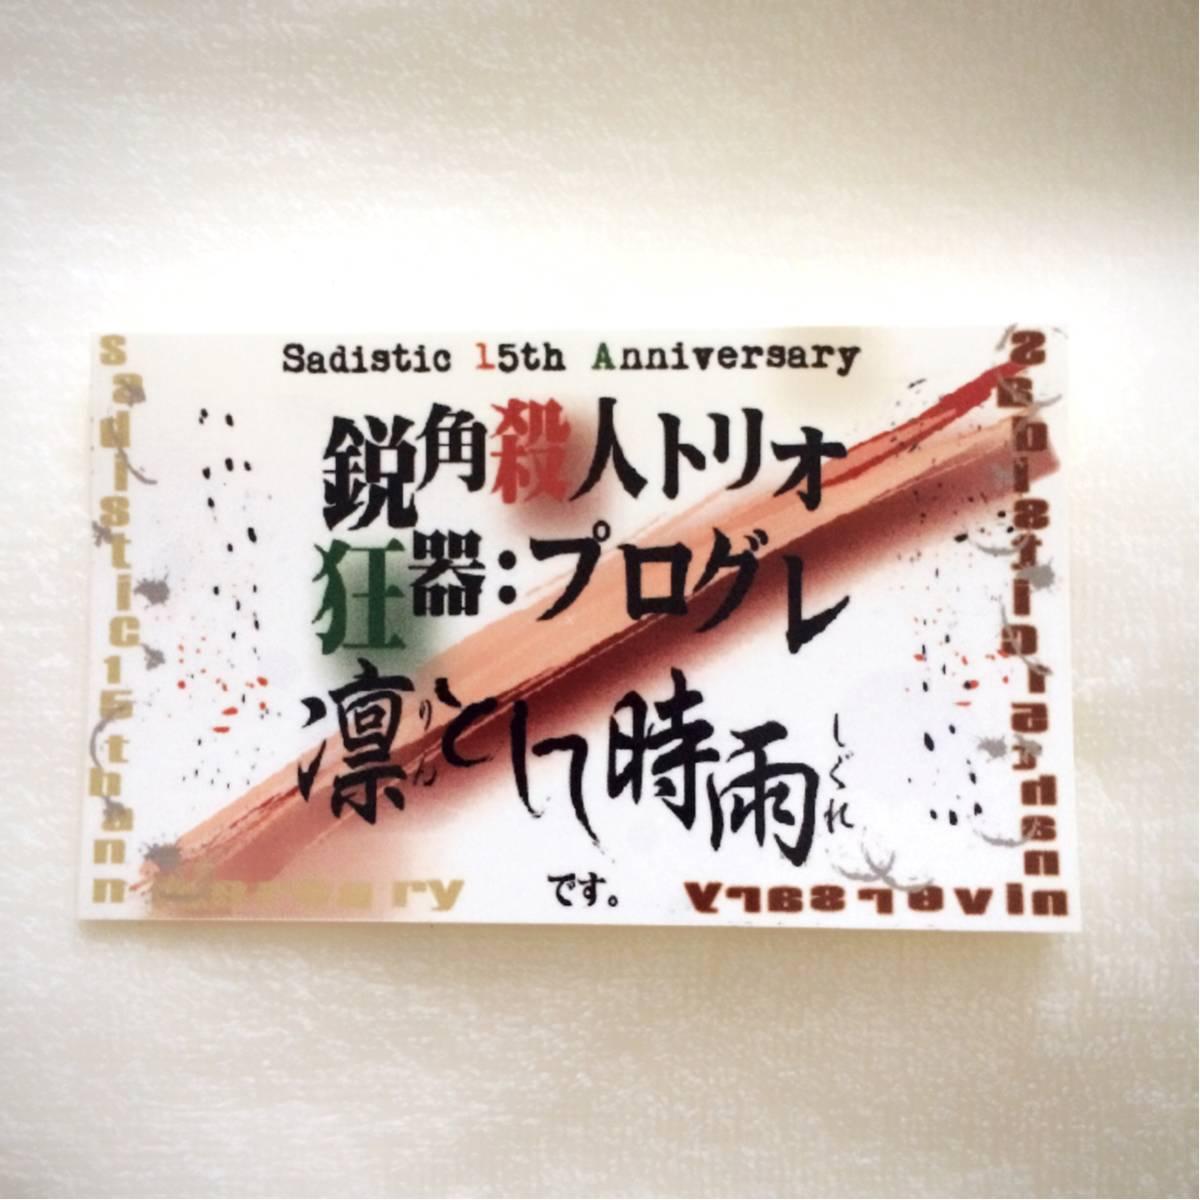 凛として時雨 15周年 復刻狂器プログレステッカー【Ling tosite sigure 15th anniversary Pop-Up Gallery】限定グッズ/シール ステッカー